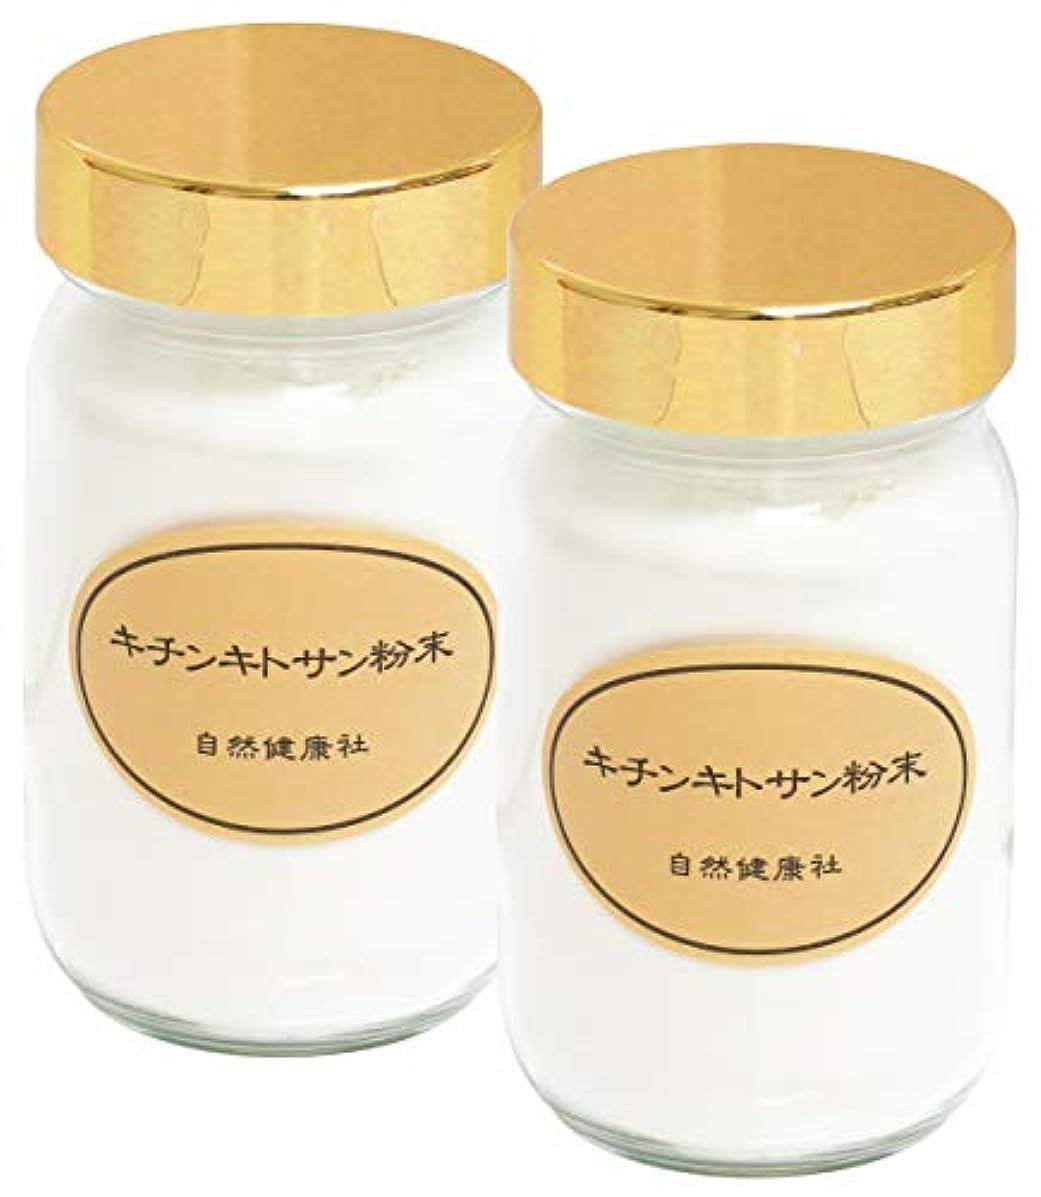 ヘアボーナスナチュラ自然健康社 キチンキトサン粉末 90g×2個 瓶入り